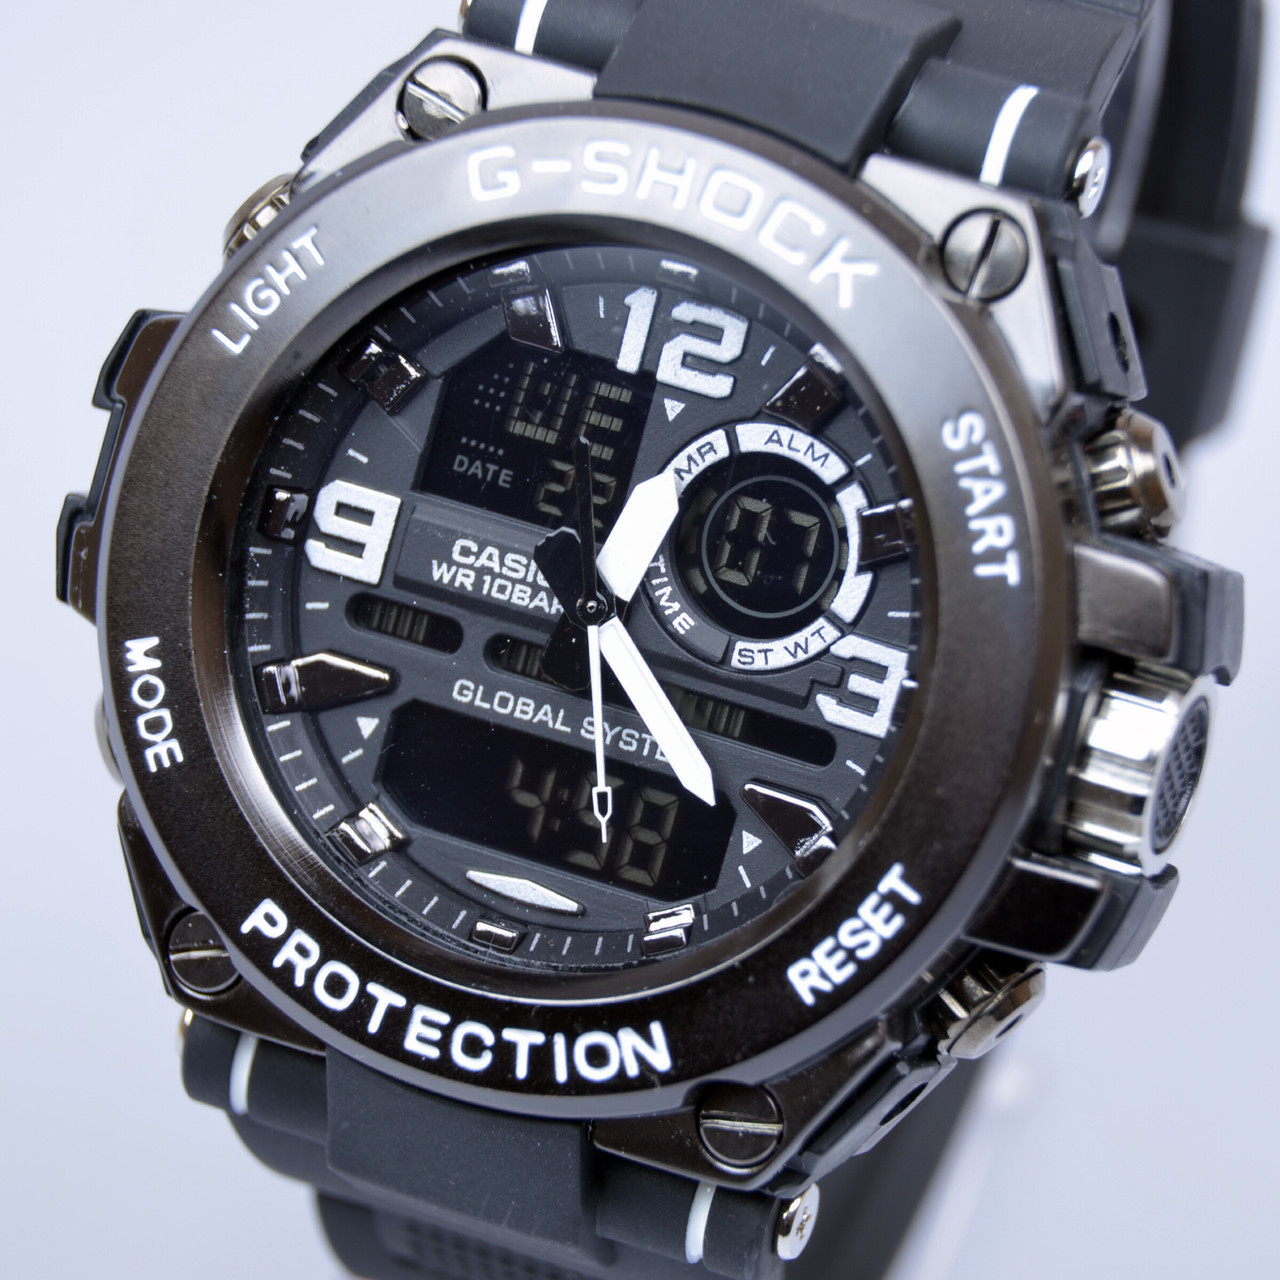 a515c7e2 Мужские наручные часы Casio G-Shock В4 (копия) - интернет- магазин